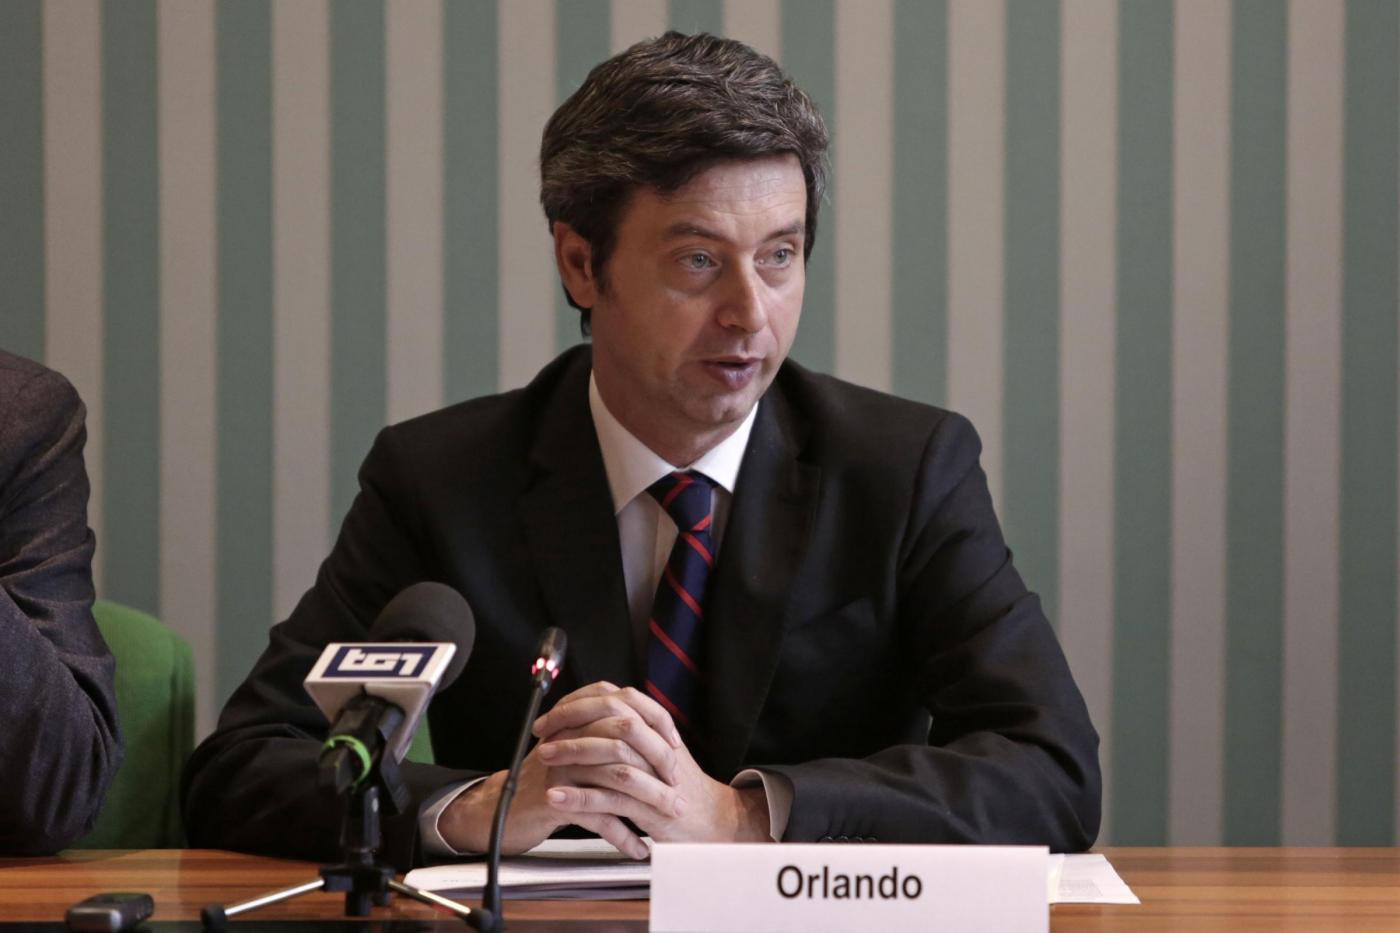 Adozioni, Andrea Orlando: 'Le legge dà ai giudici il compito di valutare caso per caso'